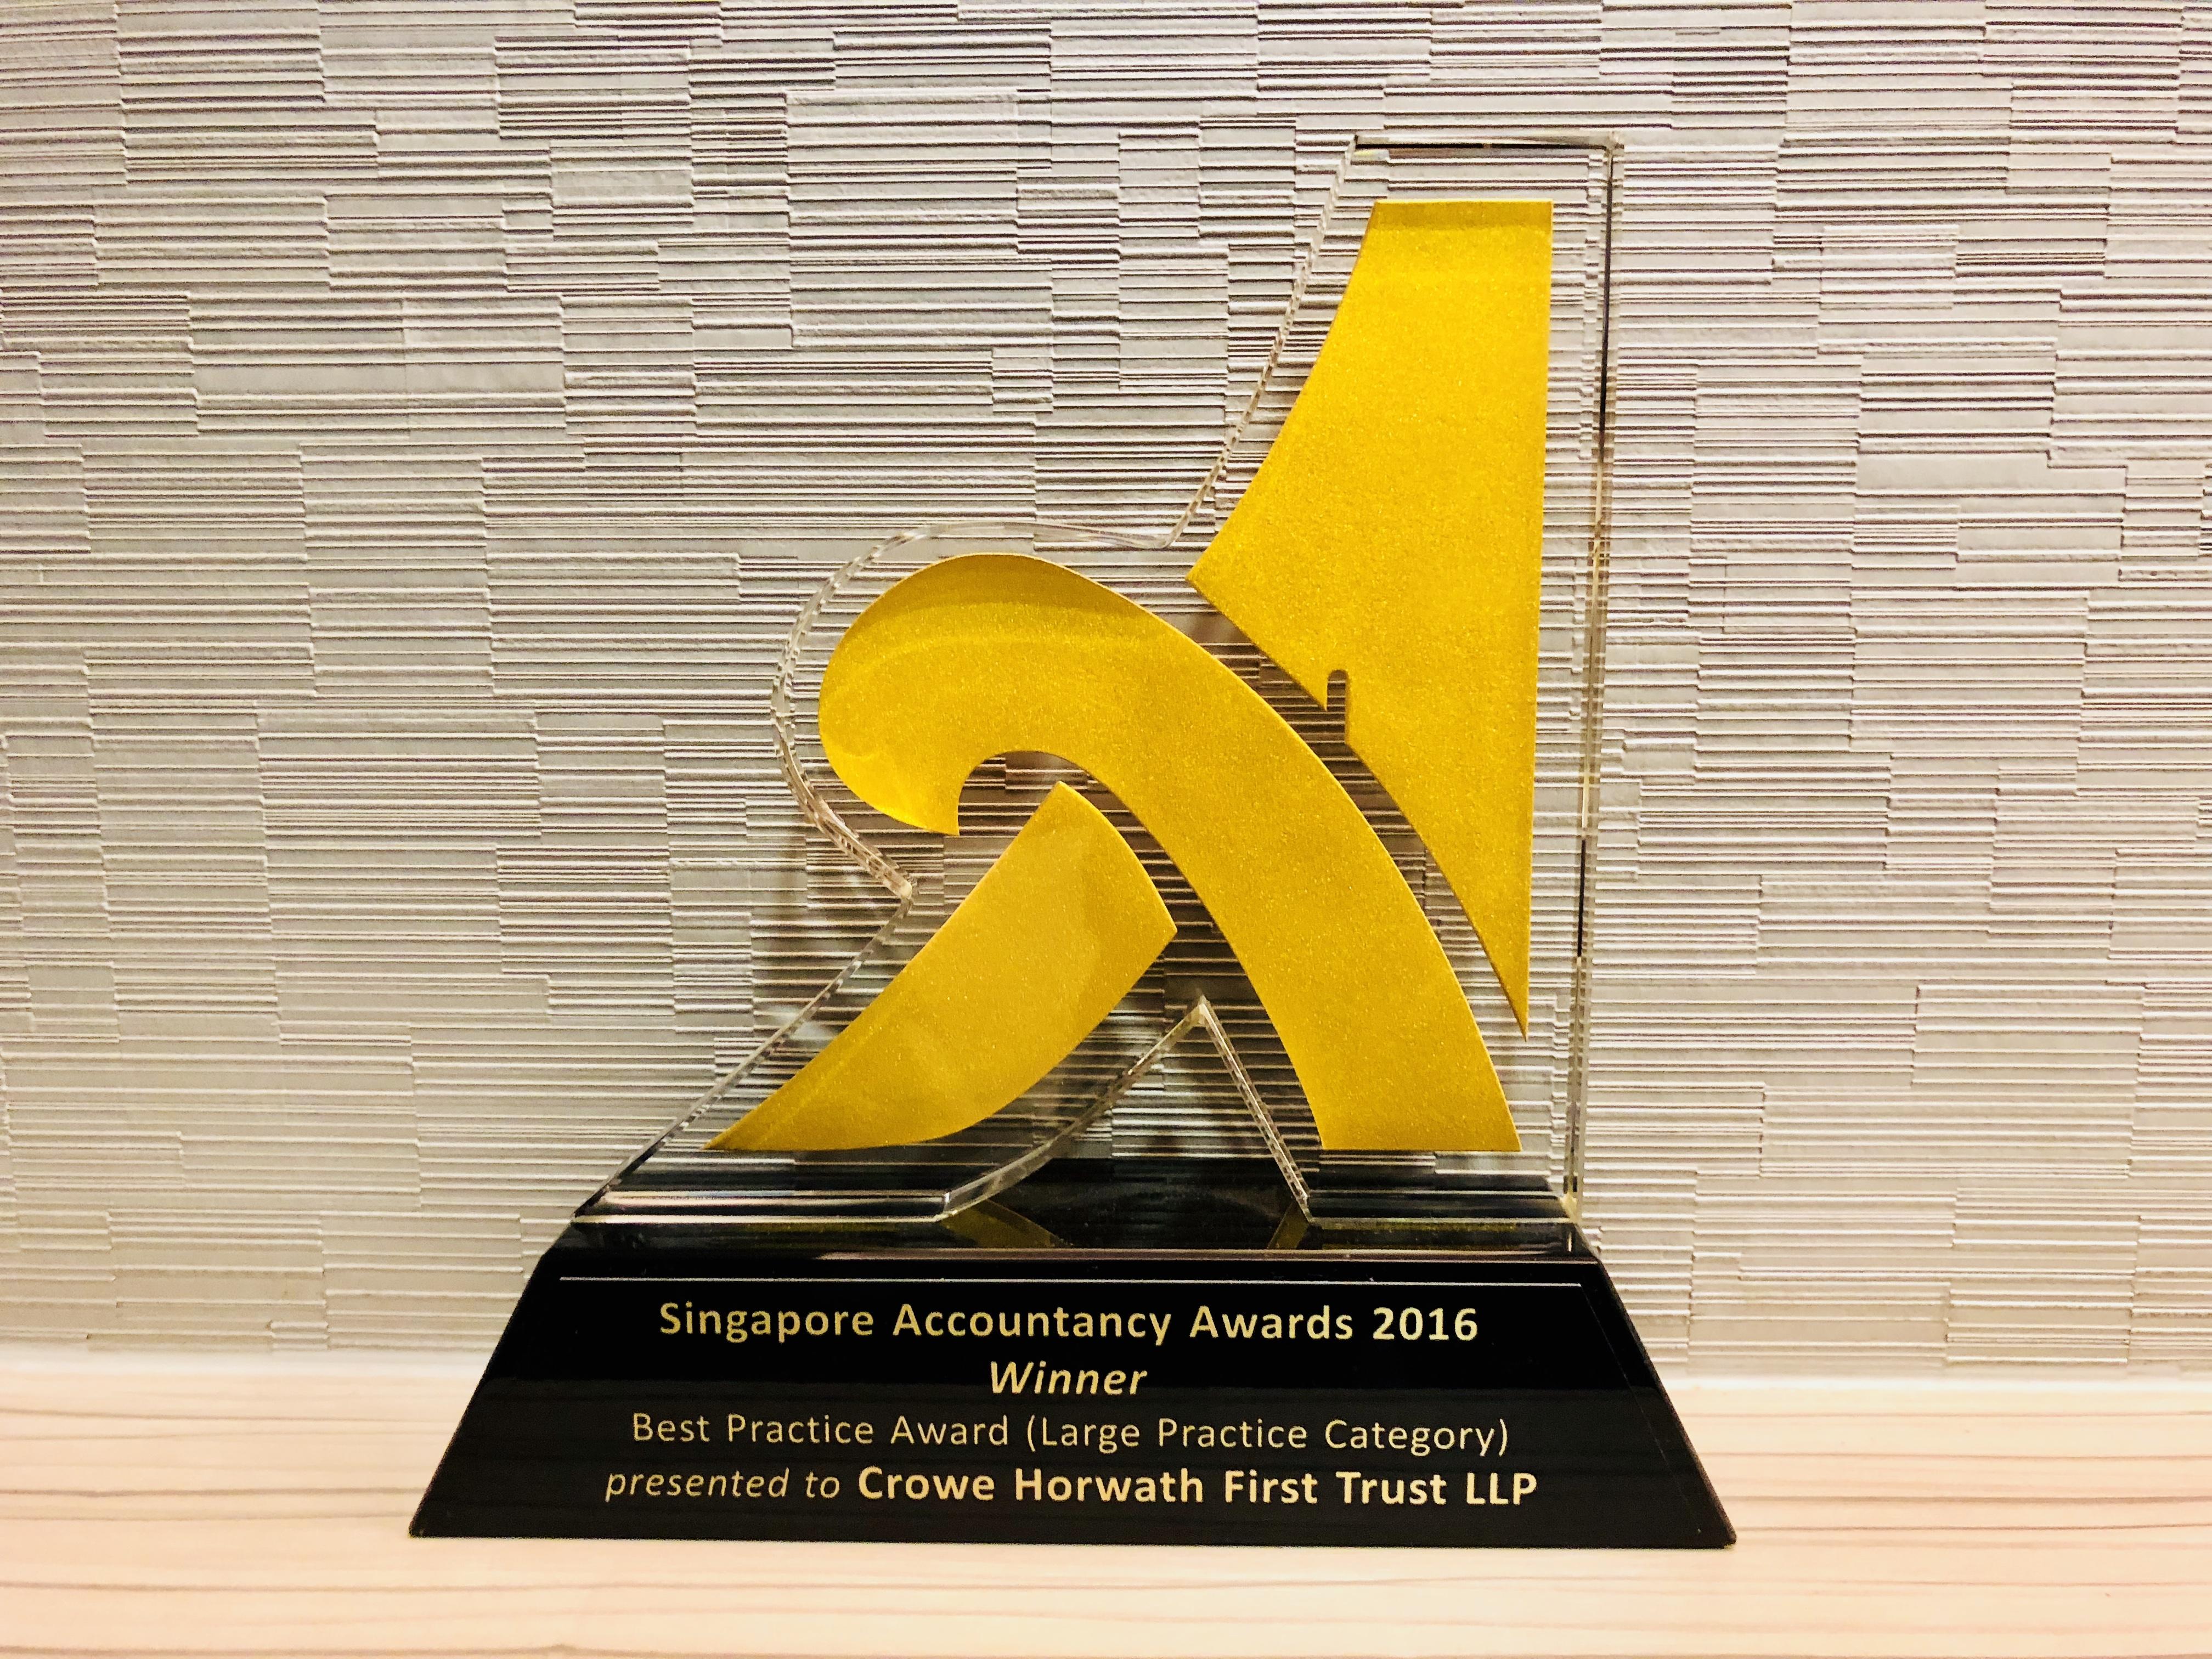 Crowe Horwath Singapore Best Practice Award 2016